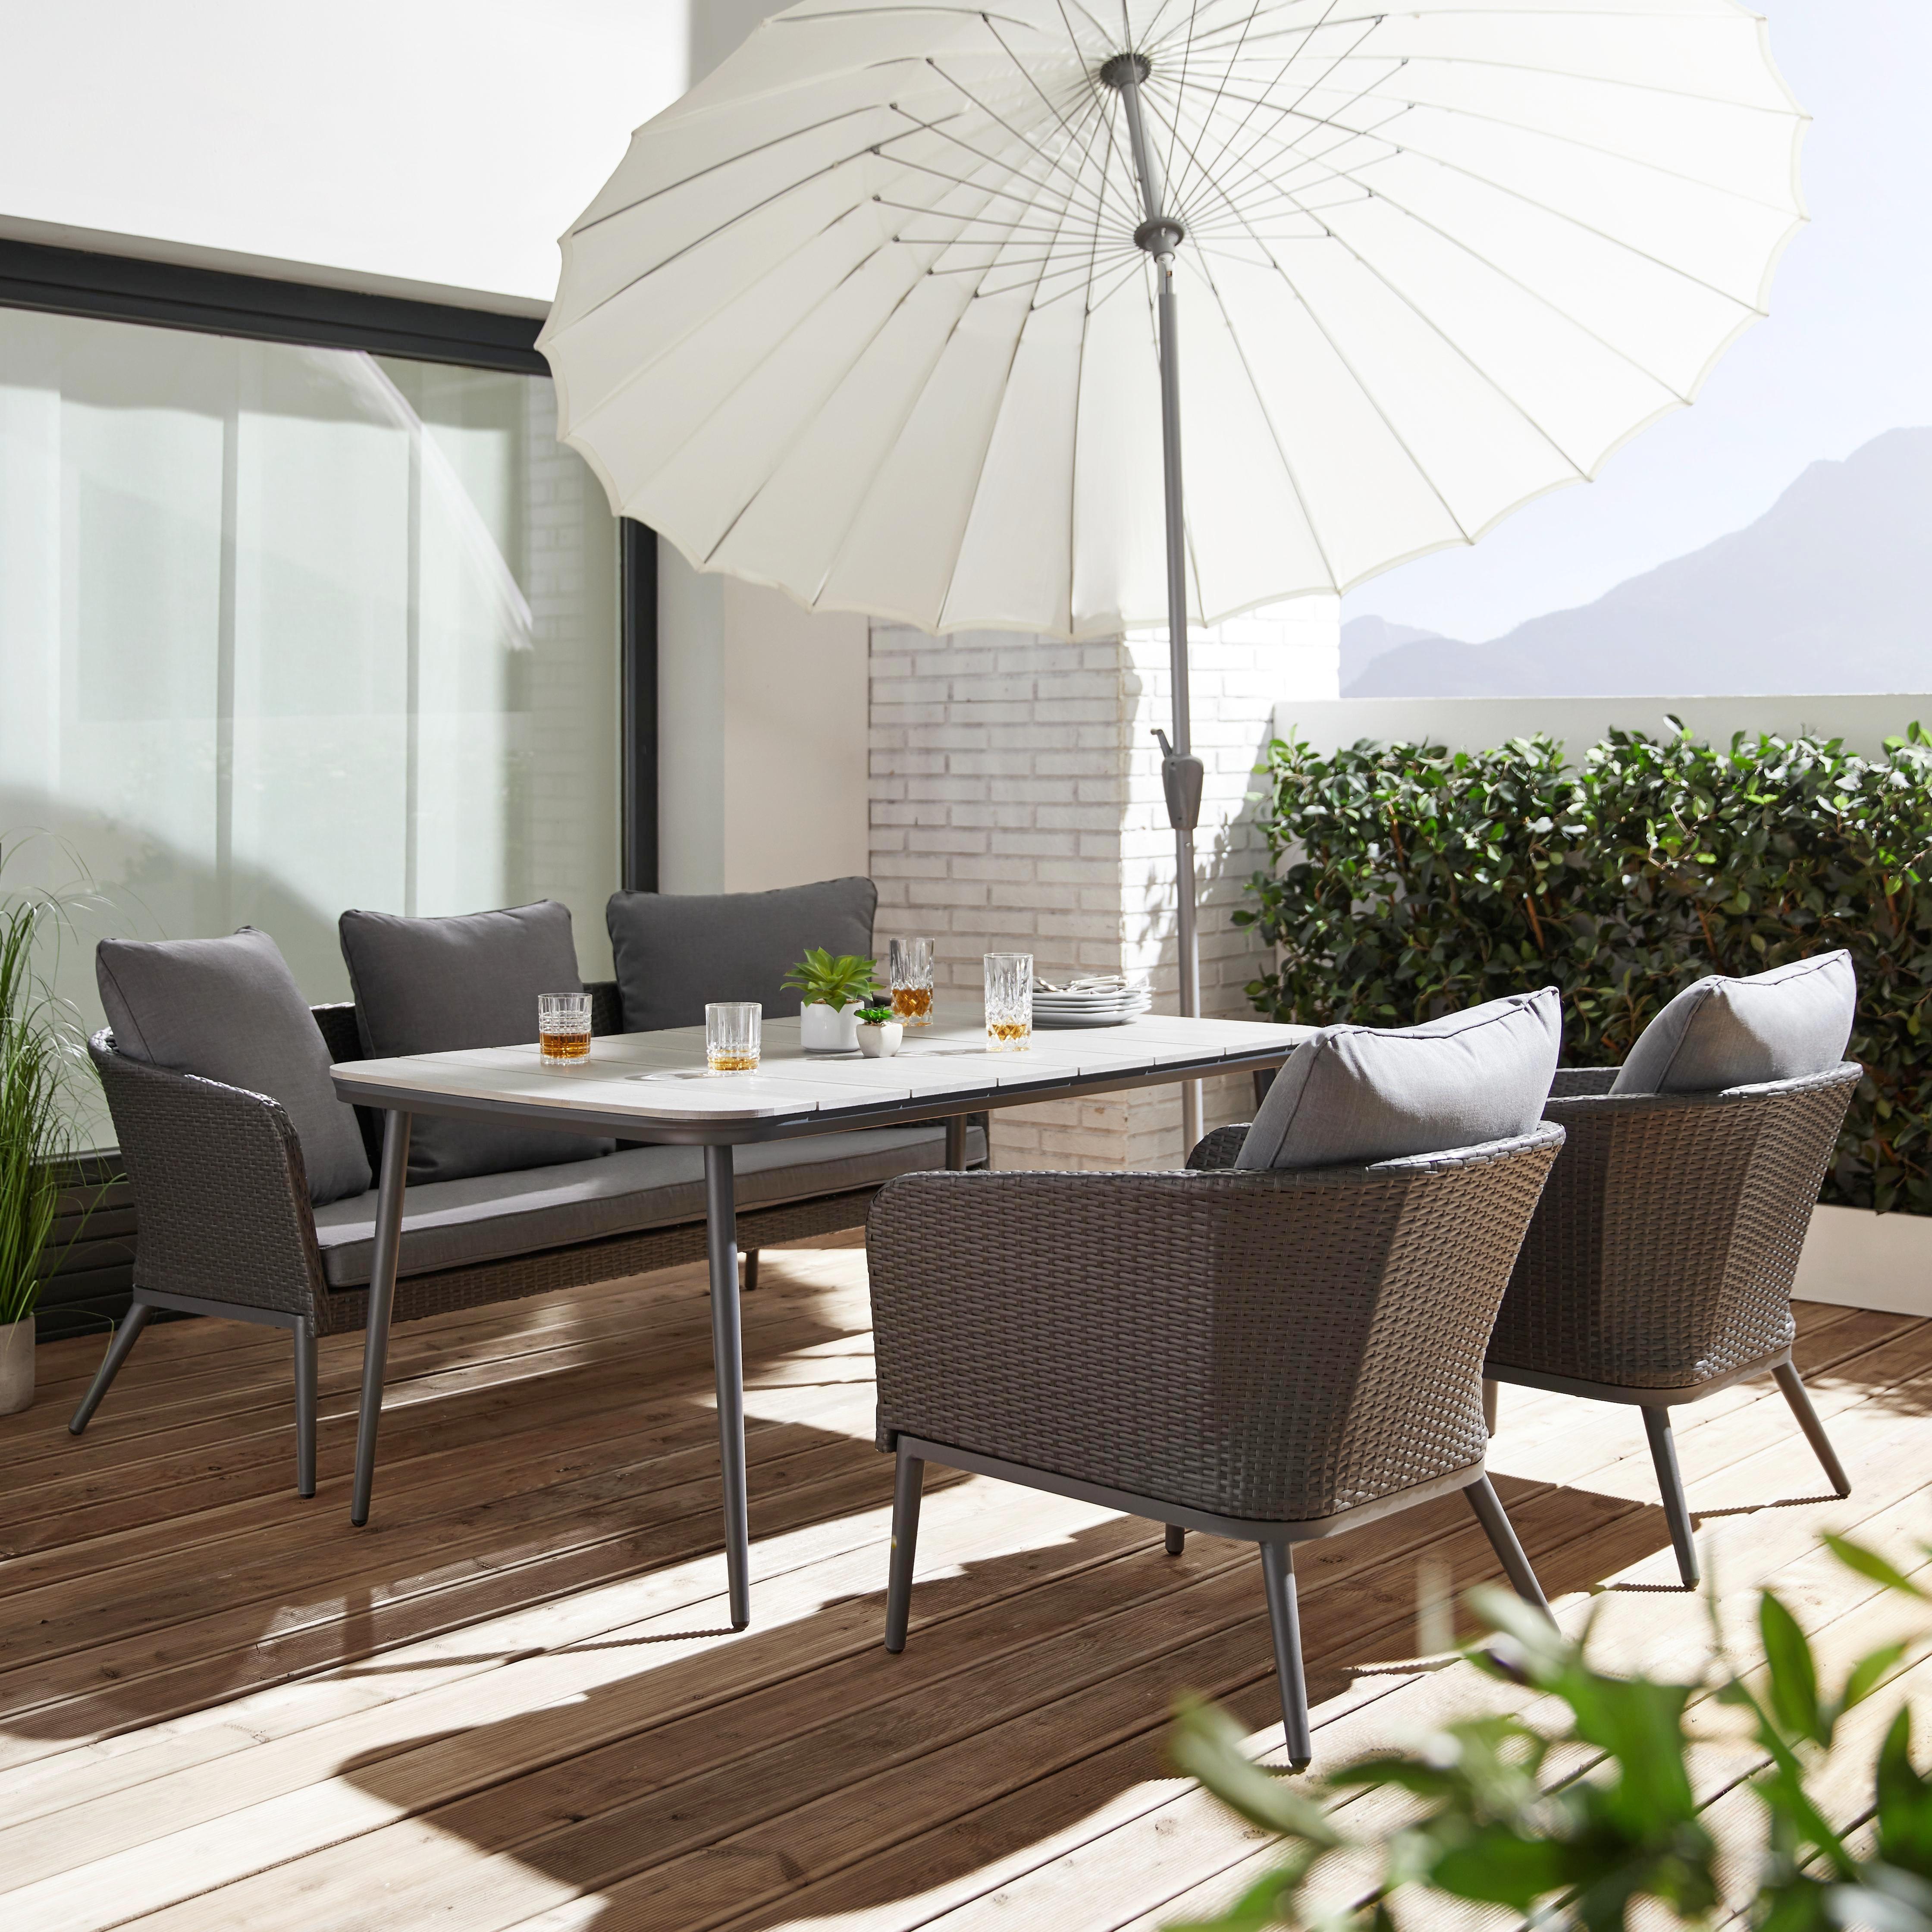 exklusive gartenmobel freiburg, gartenmöbelsets - gartenmöbel - produkte | mömax, Design ideen